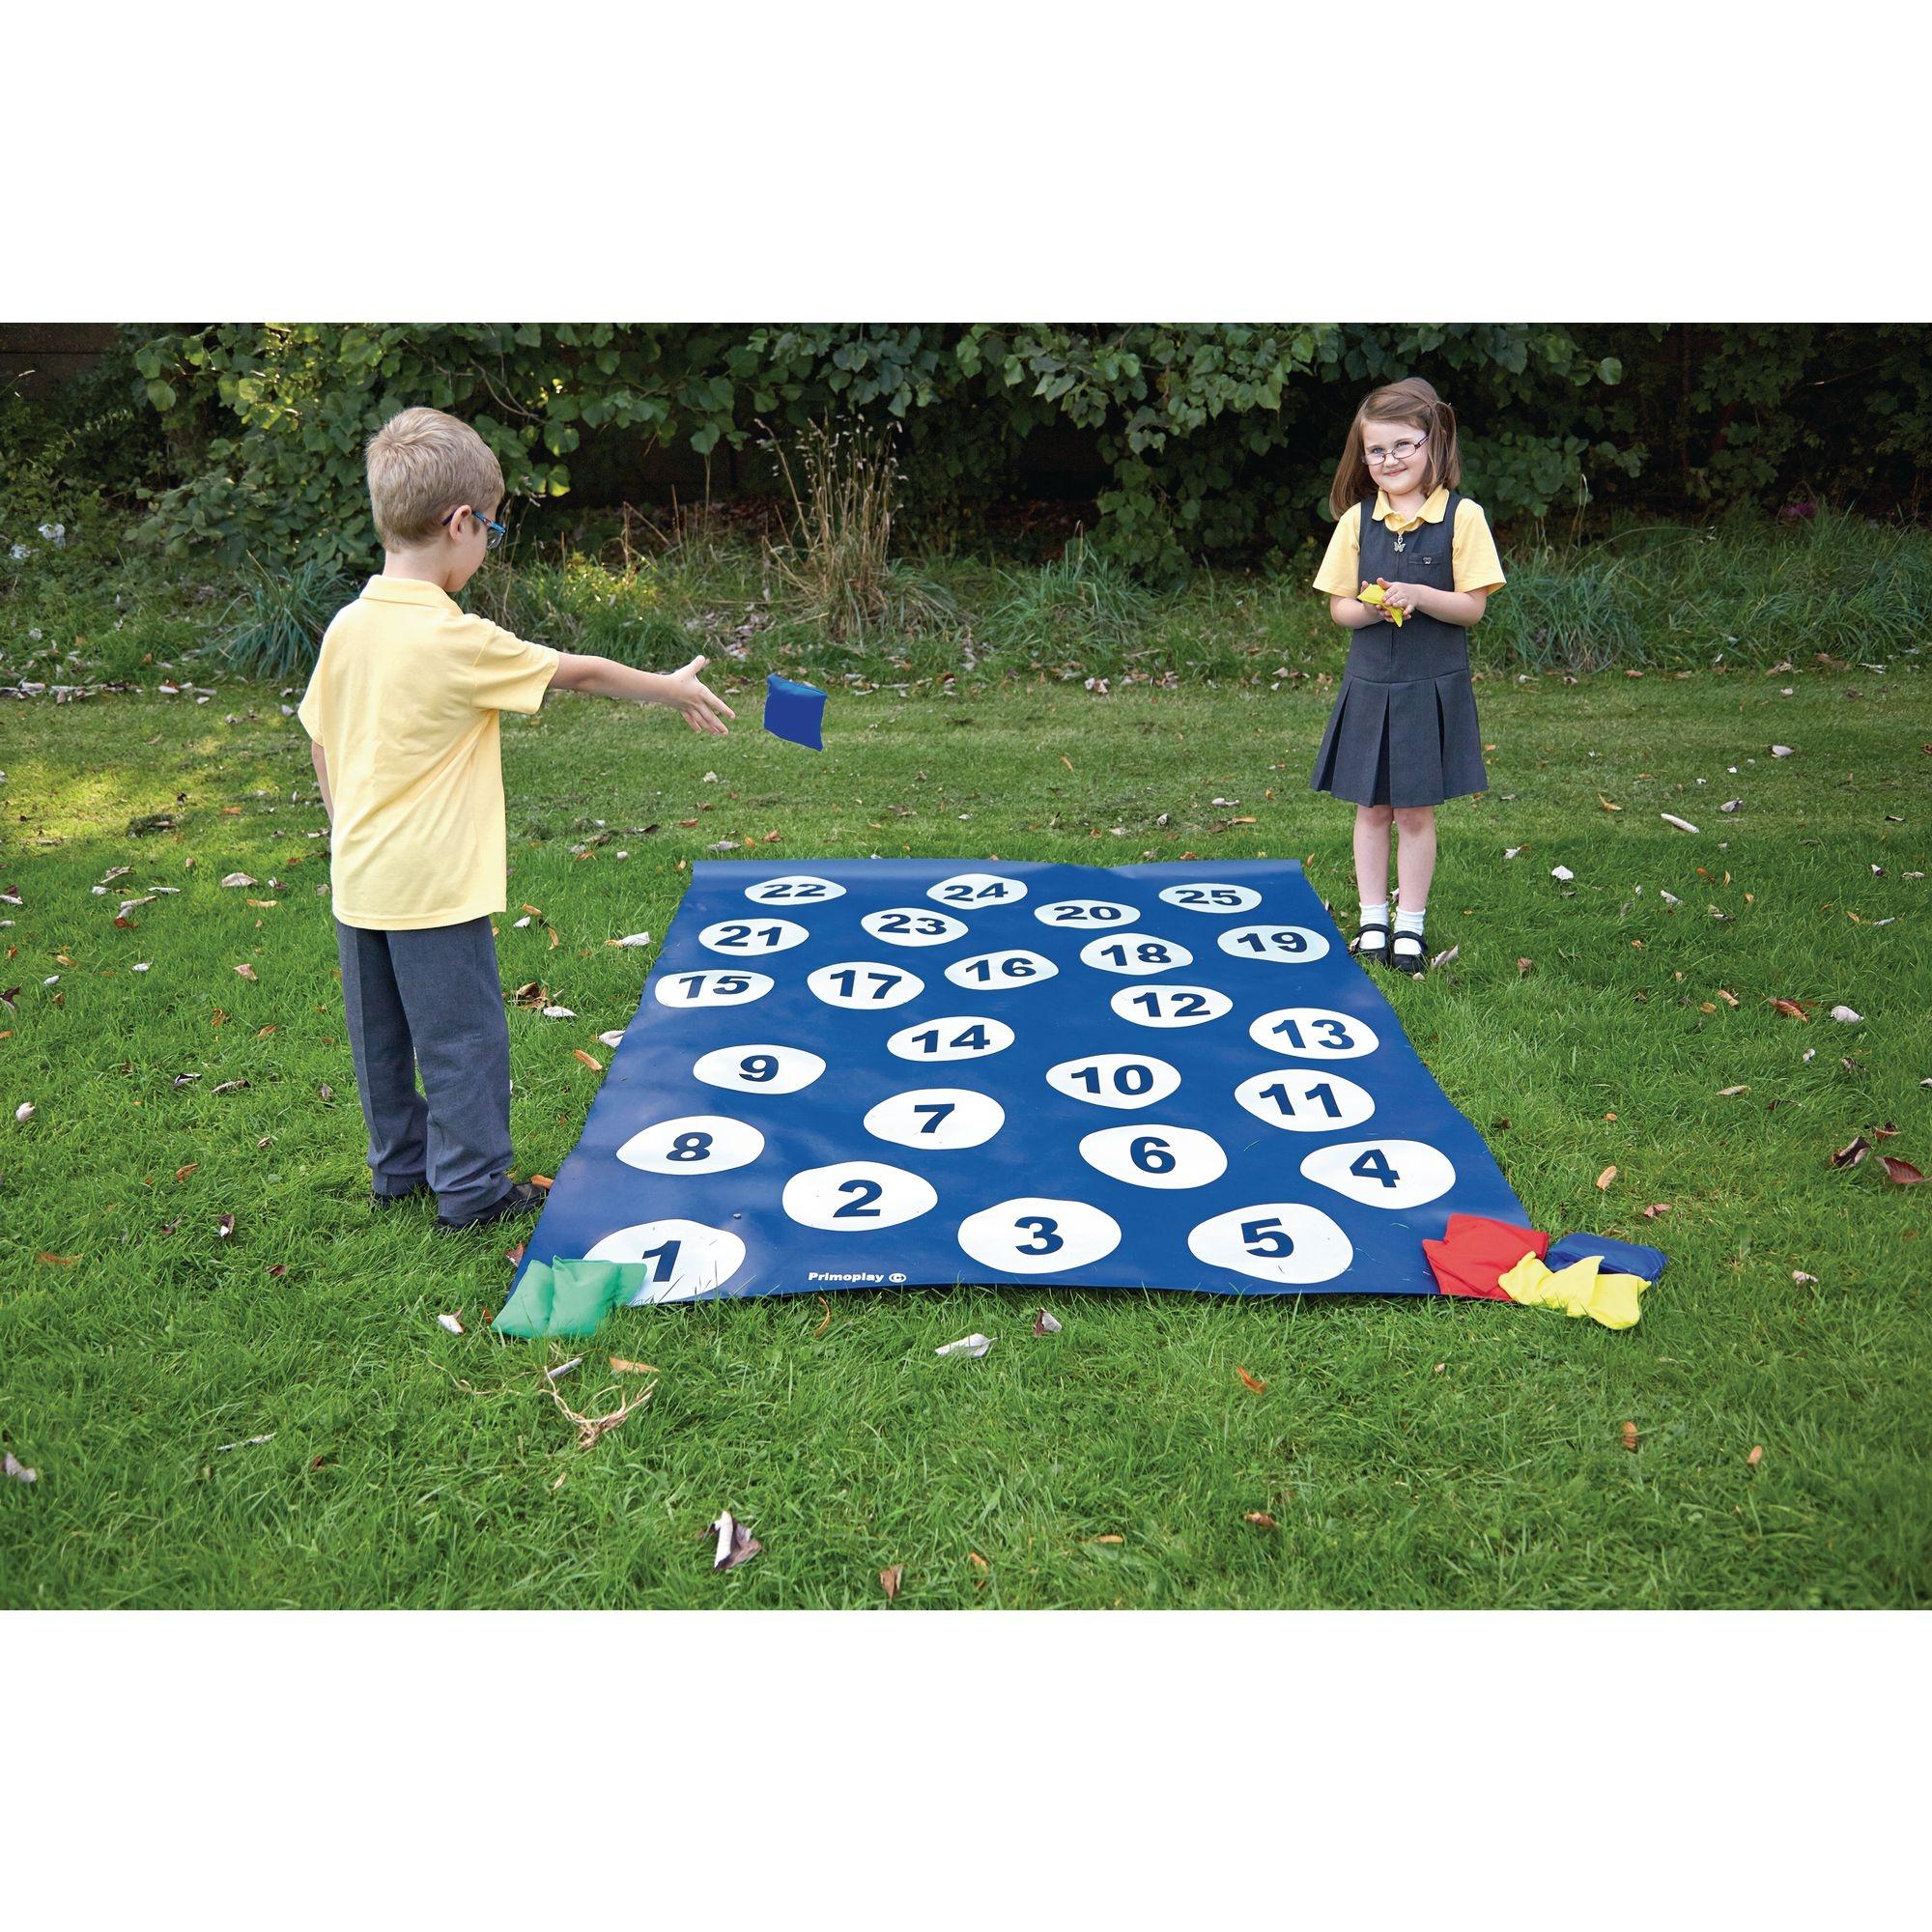 Number Toss Floor Game